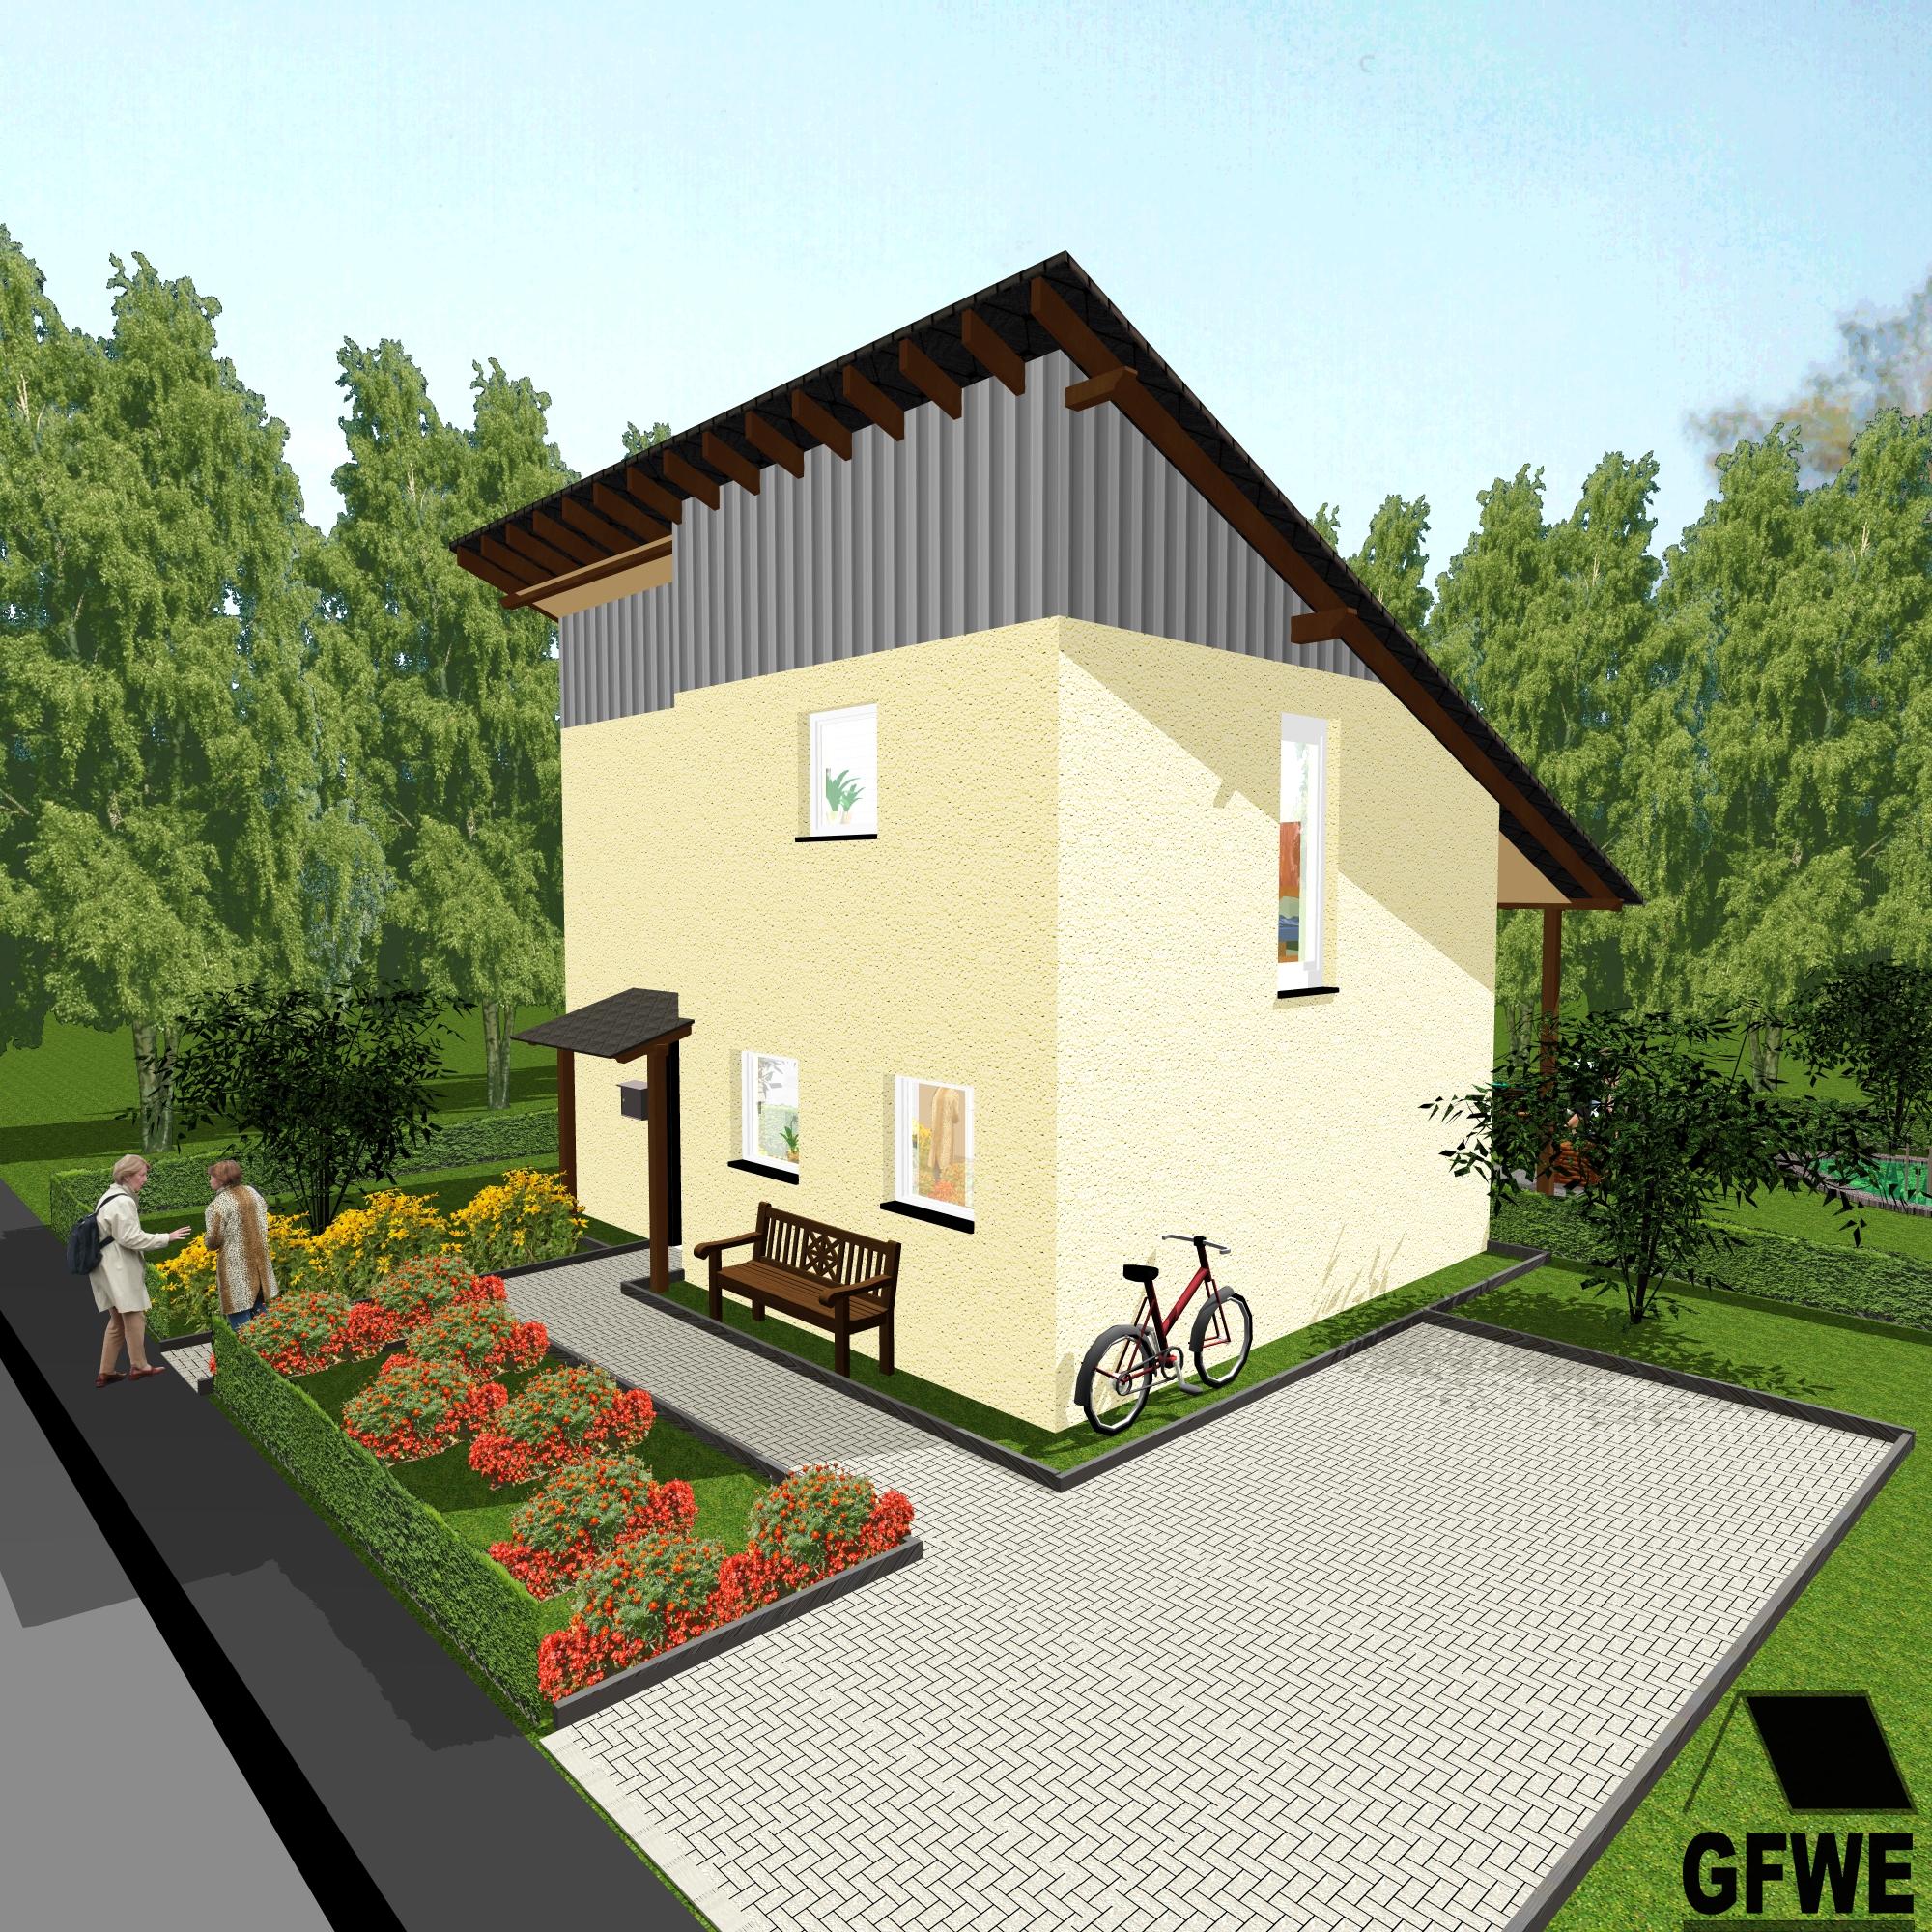 76 qm großes Single- oder Pärchenhaus in Dortmund - GFWE ...